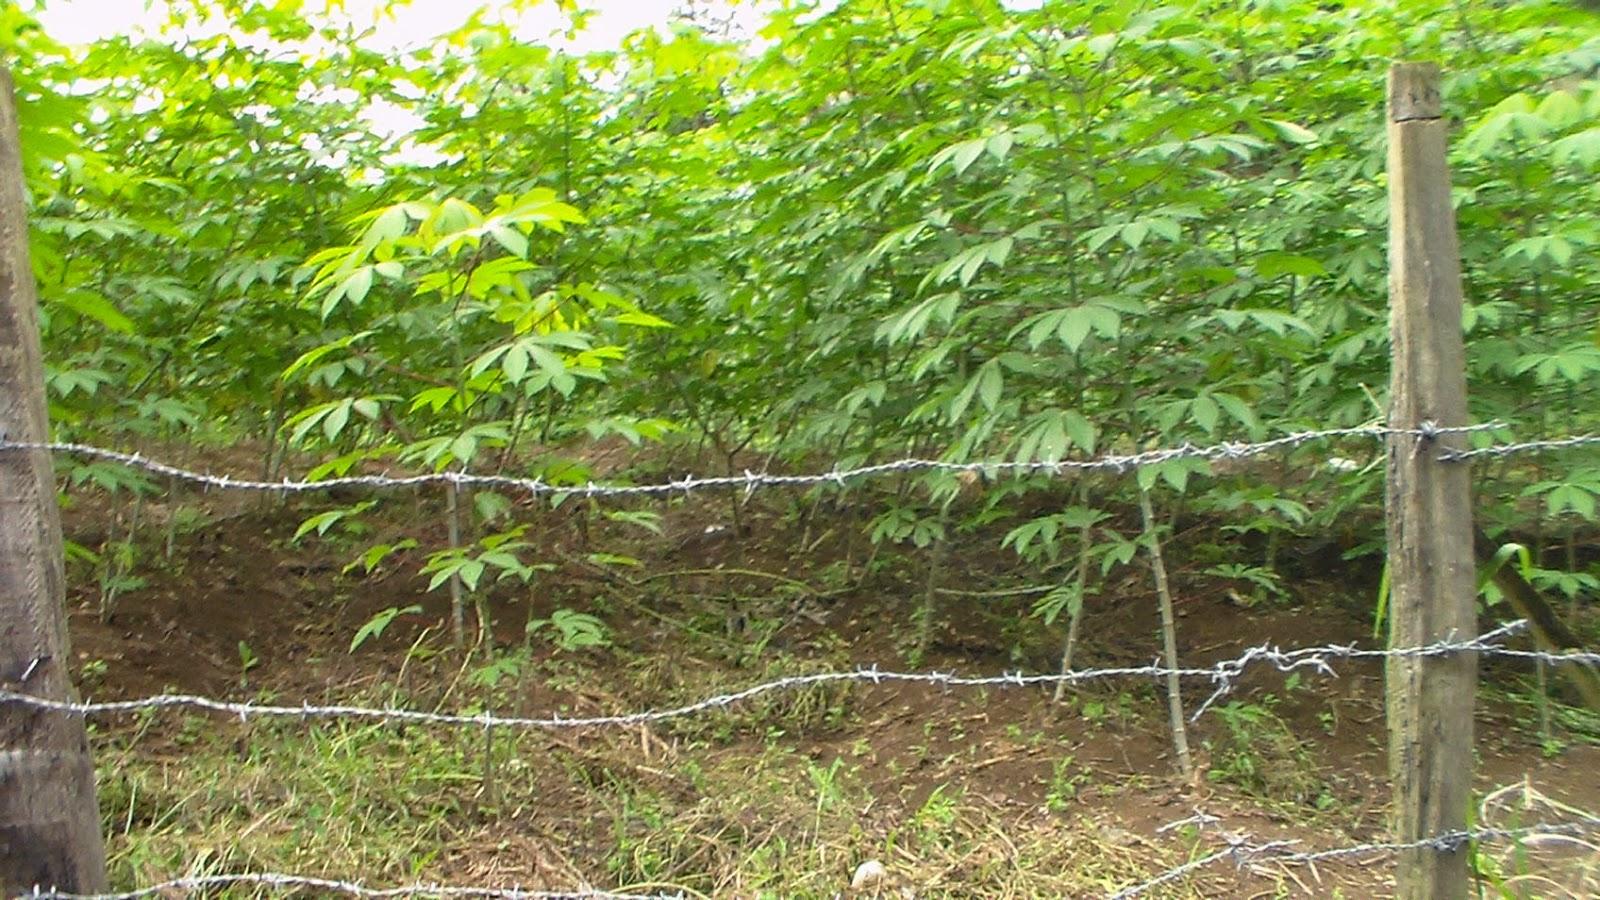 Pabrik Tepung Tapioka Pertanian Tanaman Pang...